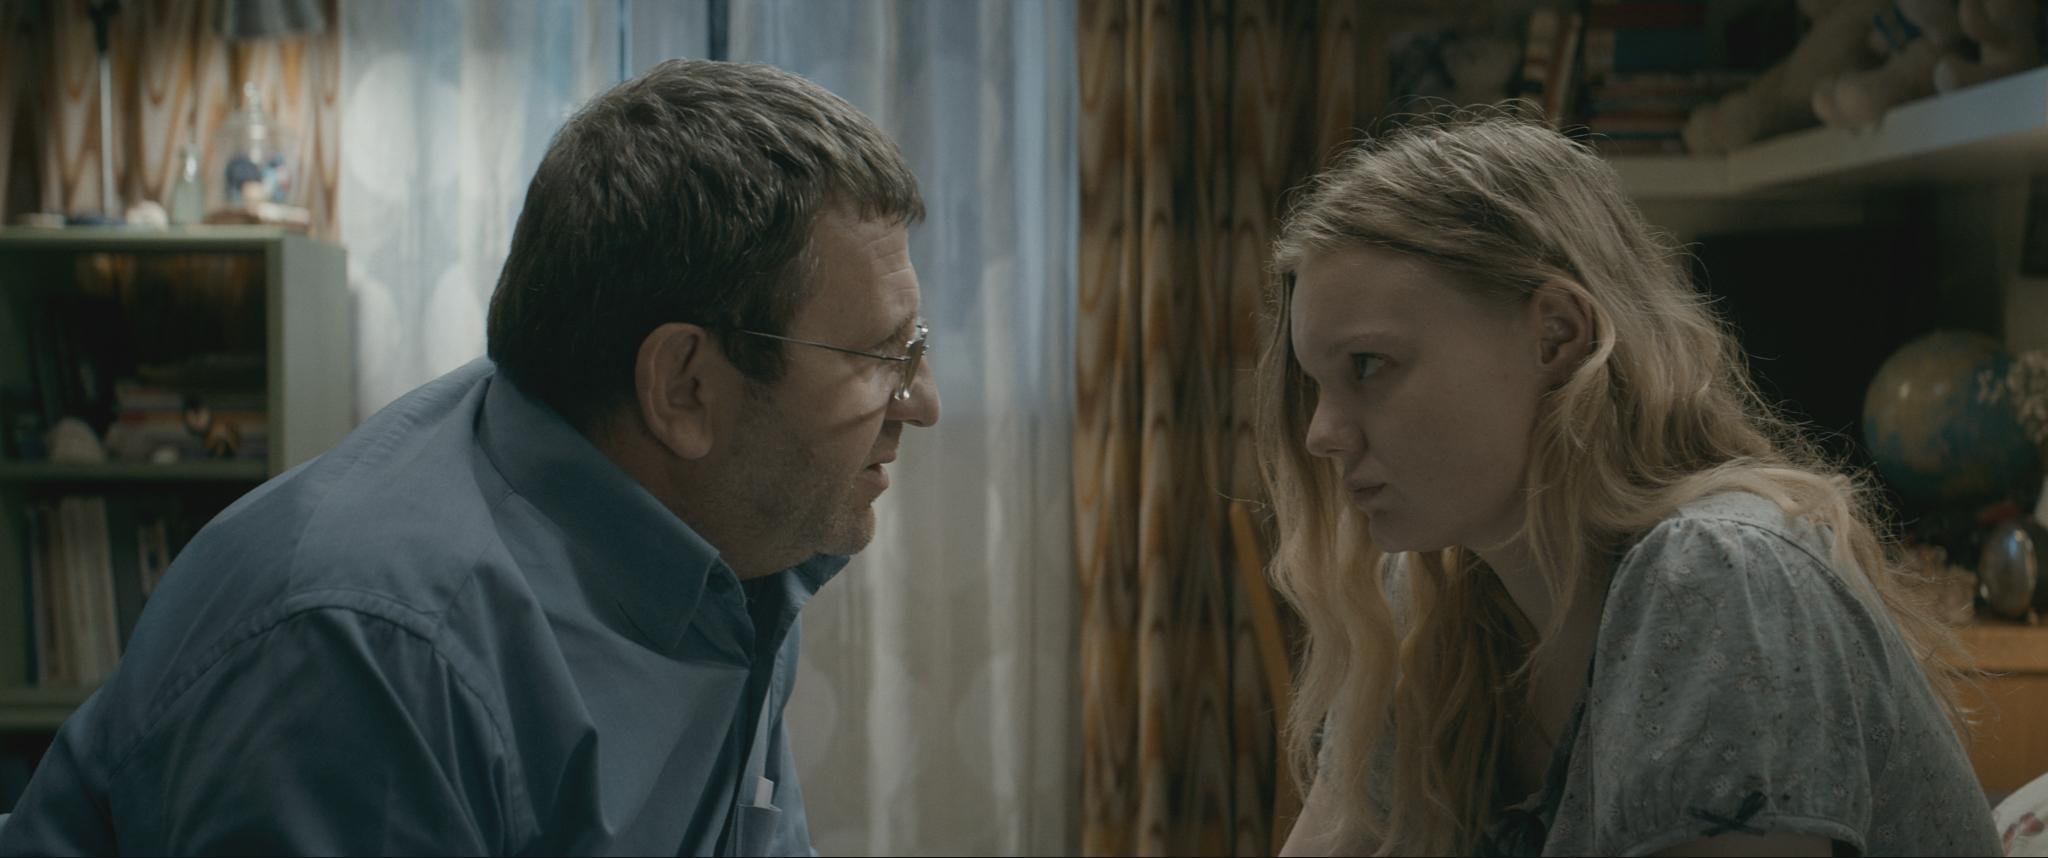 Faren (Adrian Titieni) vil at datteren Eliza (Maria-Victoria Dragus) skal emigrere til England for å få et bedre liv.